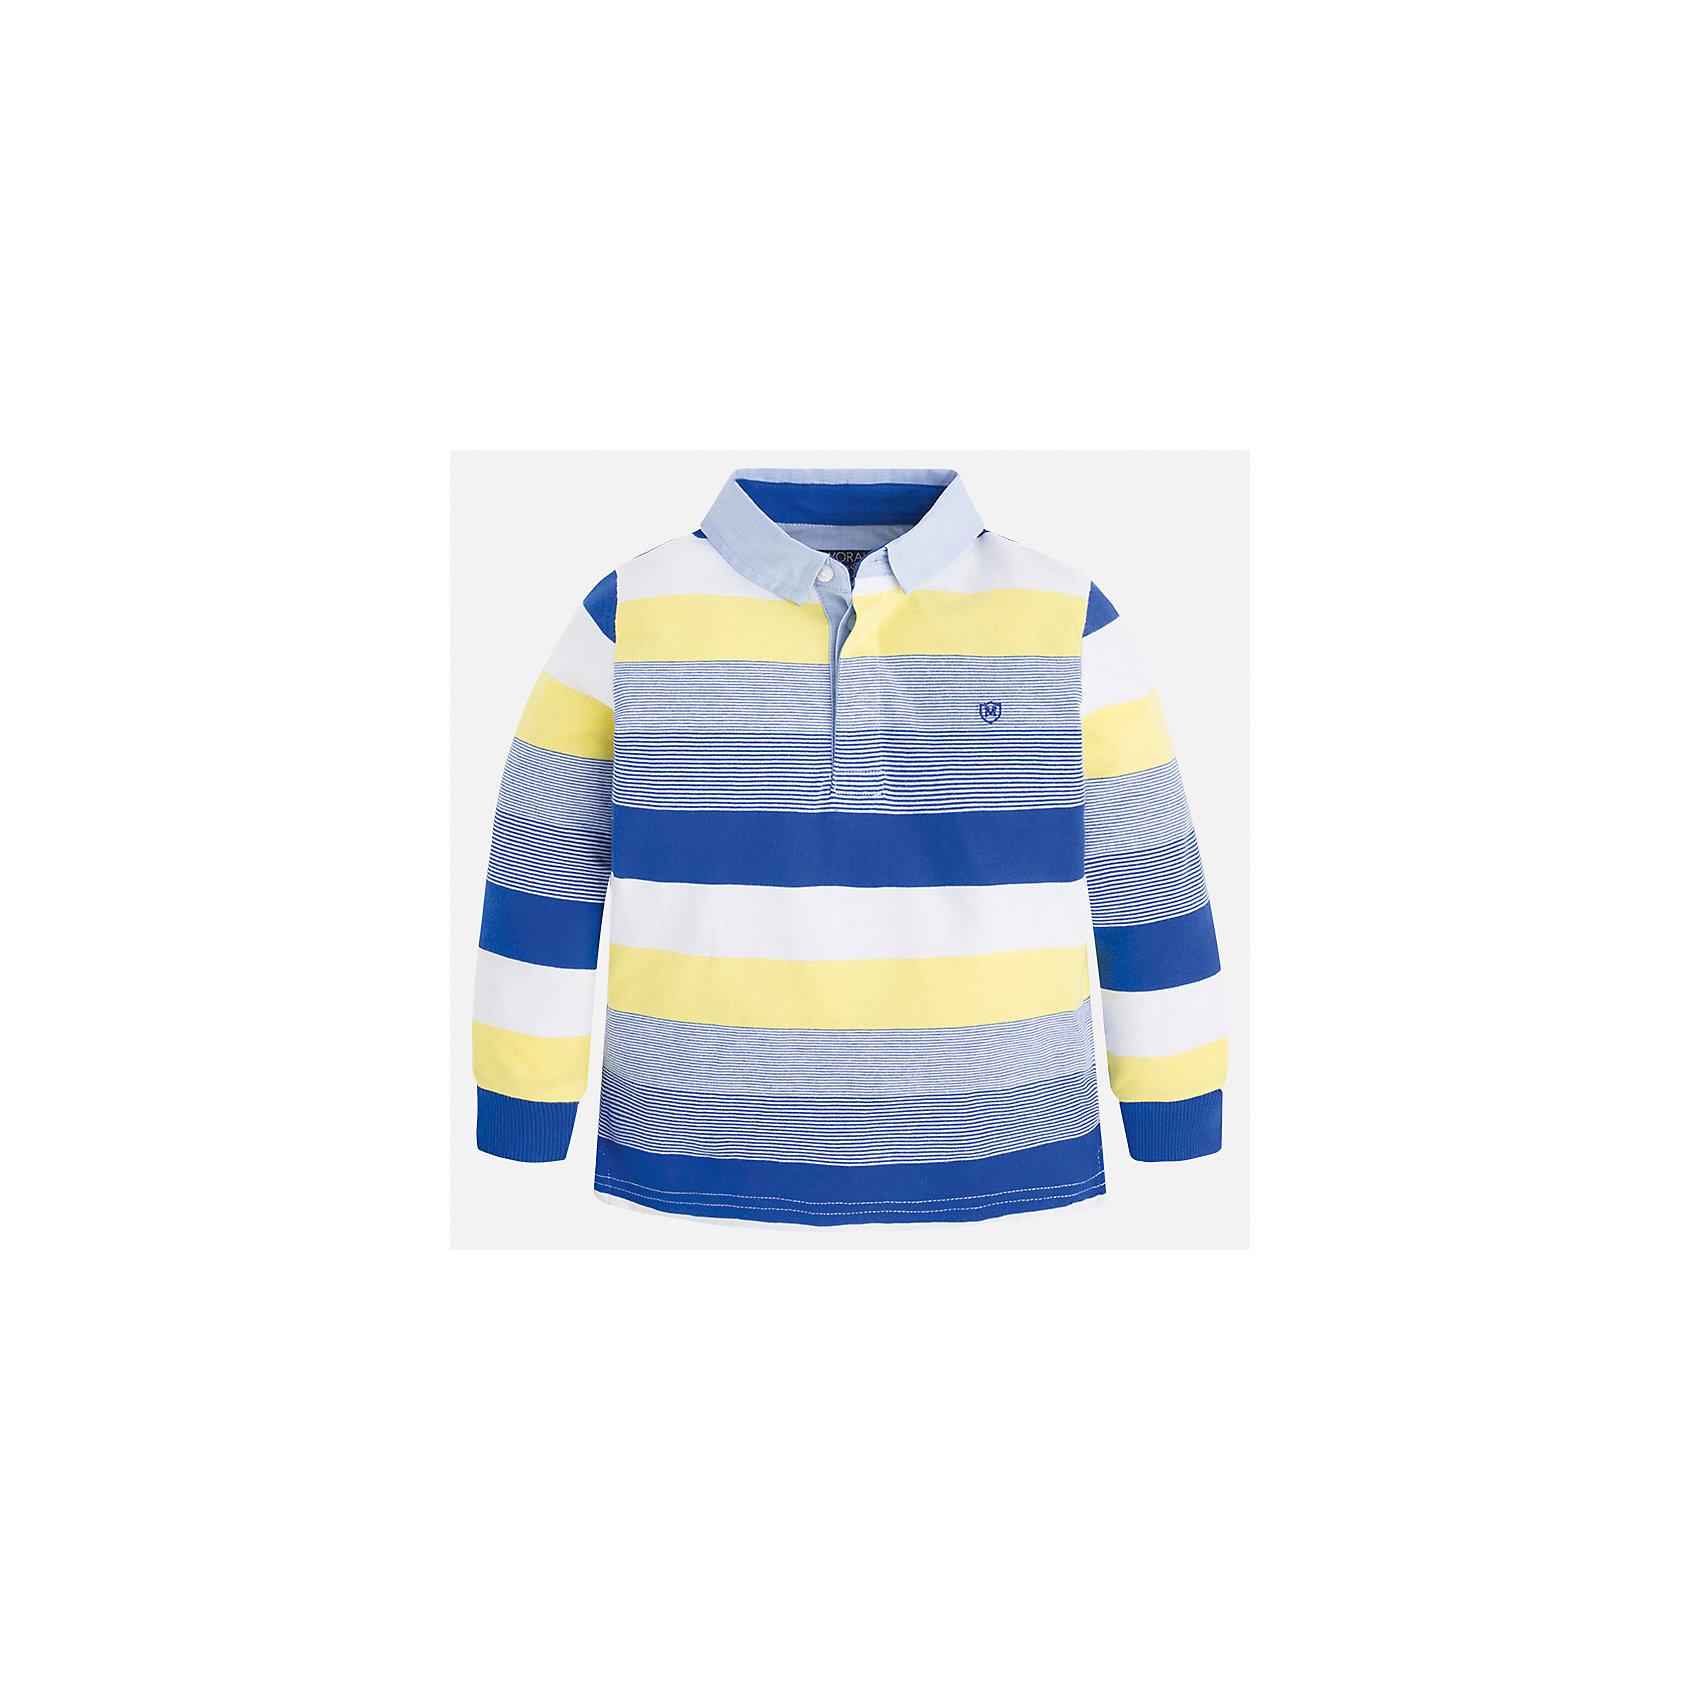 Футболка-поло с длинным рукавом для мальчика MayoralПолоска<br>Характеристики товара:<br><br>• цвет: синий/белый/желтый<br>• состав: 100% хлопок<br>• отложной воротник<br>• длинные рукава<br>• застежка: пуговицы<br>• вышивка на груди<br>• страна бренда: Испания<br><br>Удобная модная рубашка-поло для мальчика может стать базовой вещью в гардеробе ребенка. Она отлично сочетается с брюками, шортами, джинсами и т.д. Универсальный крой и цвет позволяет подобрать к вещи низ разных расцветок. Практичное и стильное изделие! В составе материала - только натуральный хлопок, гипоаллергенный, приятный на ощупь, дышащий.<br><br>Одежда, обувь и аксессуары от испанского бренда Mayoral полюбились детям и взрослым по всему миру. Модели этой марки - стильные и удобные. Для их производства используются только безопасные, качественные материалы и фурнитура. Порадуйте ребенка модными и красивыми вещами от Mayoral! <br><br>Рубашку-поло для мальчика от испанского бренда Mayoral (Майорал) можно купить в нашем интернет-магазине.<br><br>Ширина мм: 230<br>Глубина мм: 40<br>Высота мм: 220<br>Вес г: 250<br>Цвет: голубой<br>Возраст от месяцев: 18<br>Возраст до месяцев: 24<br>Пол: Мужской<br>Возраст: Детский<br>Размер: 92,110,134,128,122,116,104,98<br>SKU: 5272135